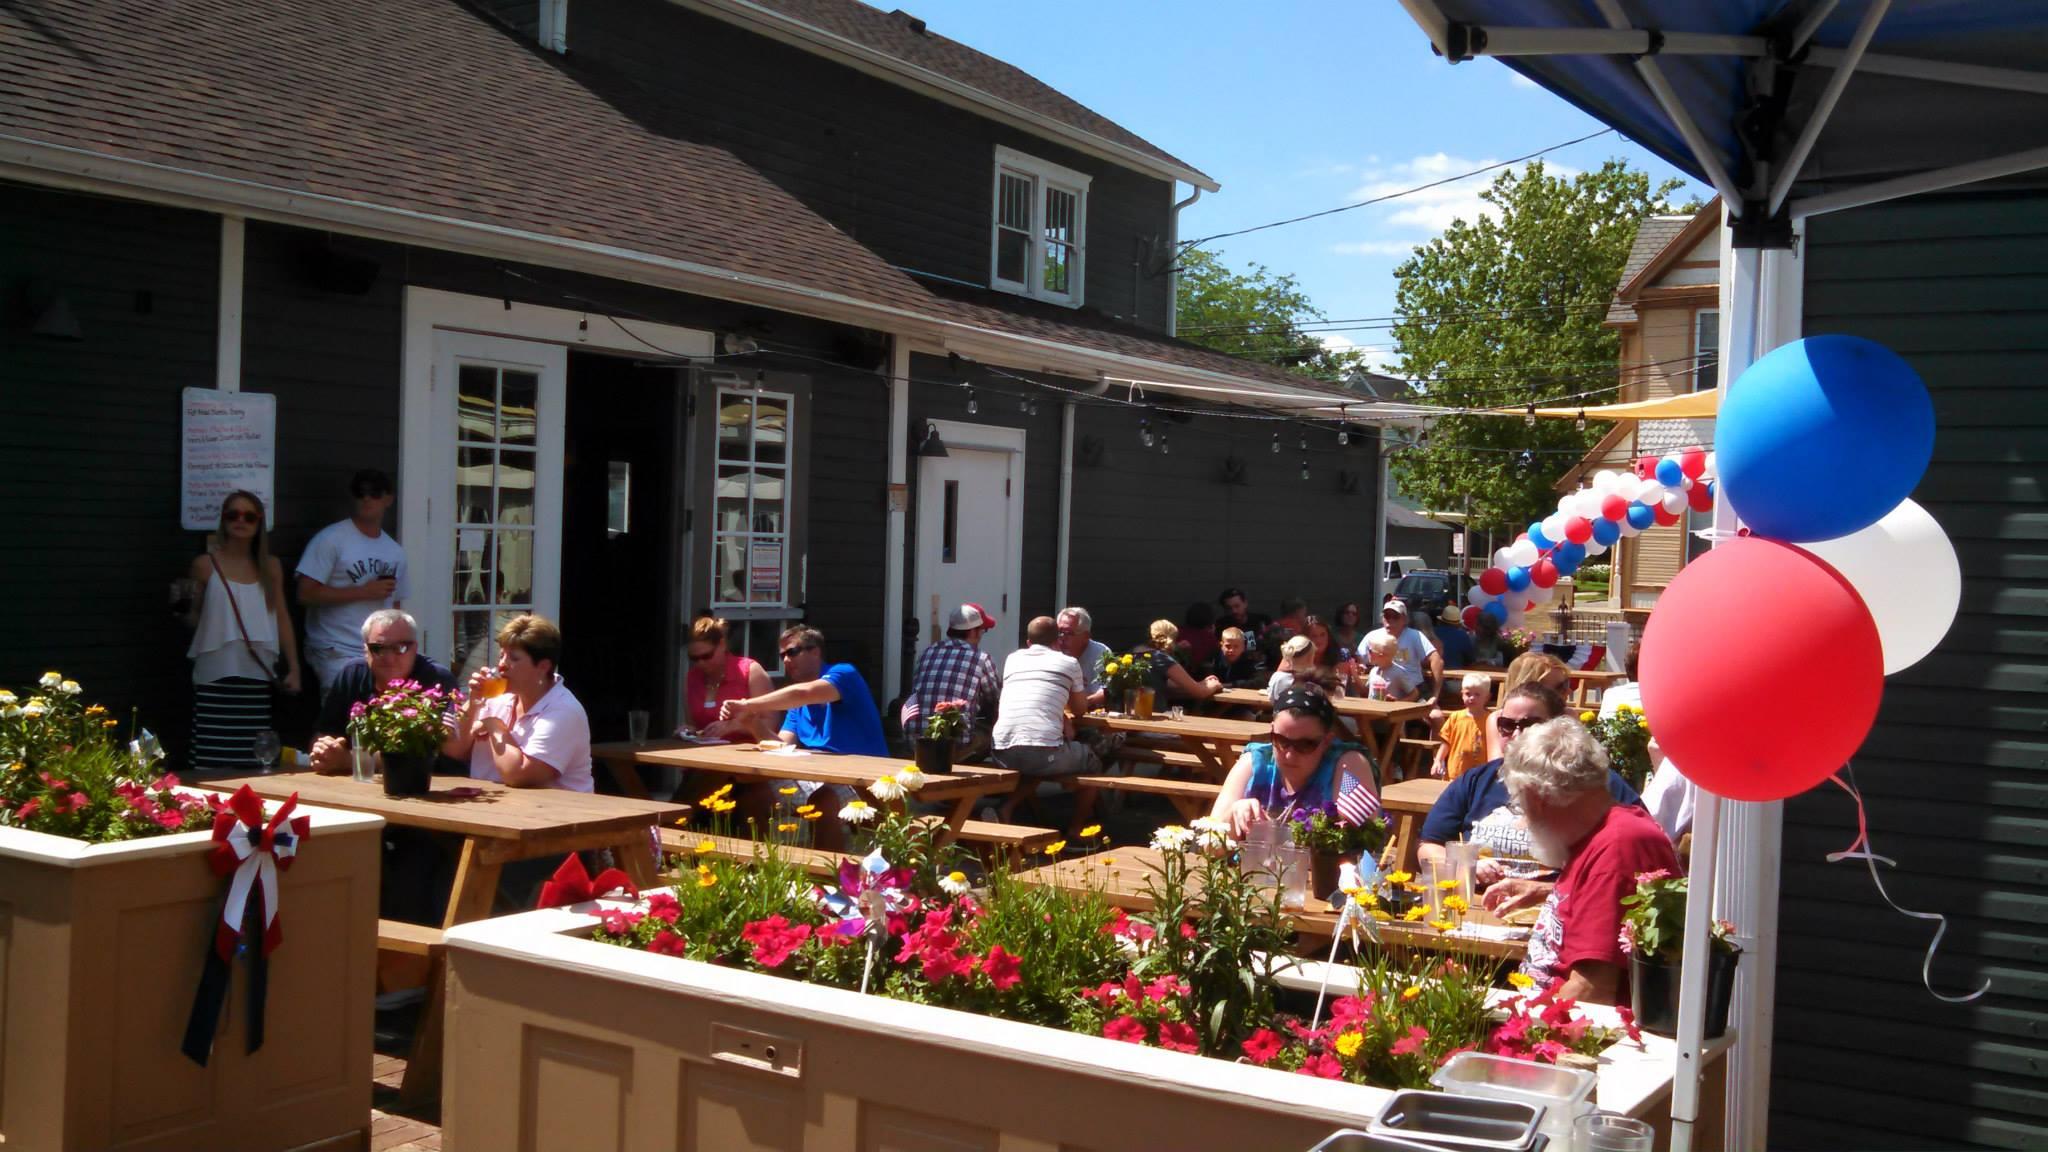 Best restaurant bar patios in Dayton